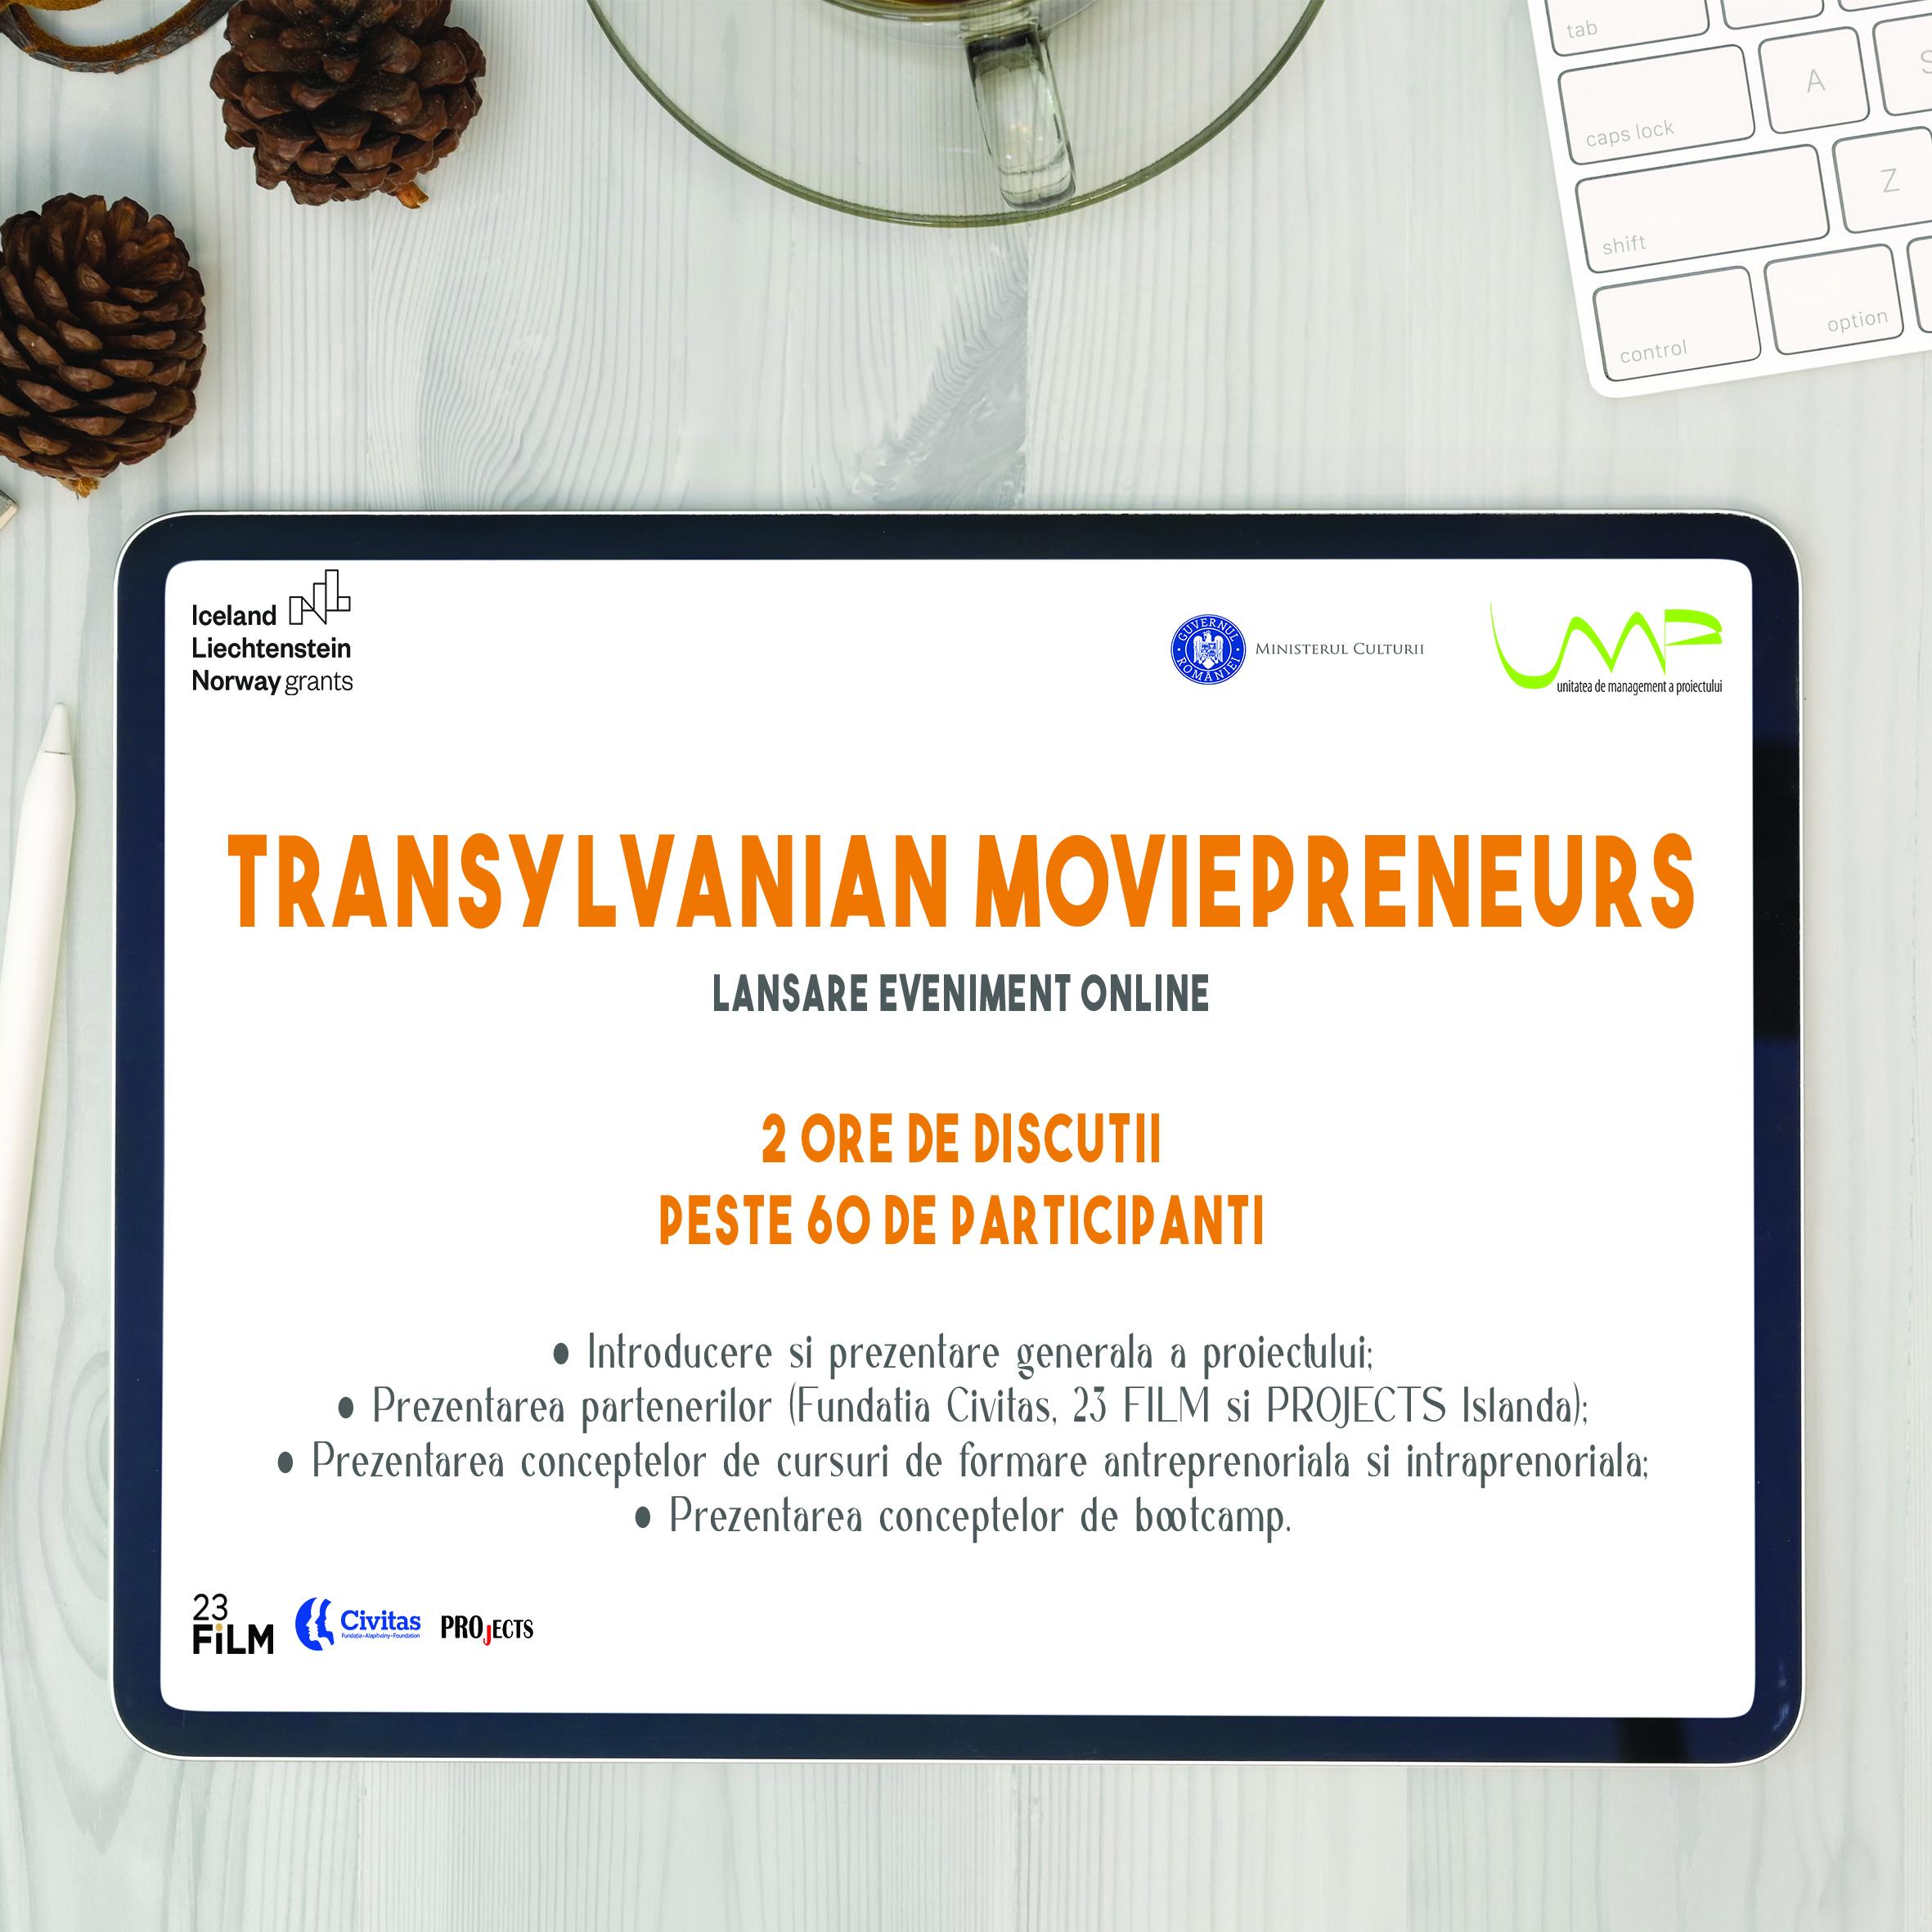 TRANSYLVANIAN MOVIEPRENEURS